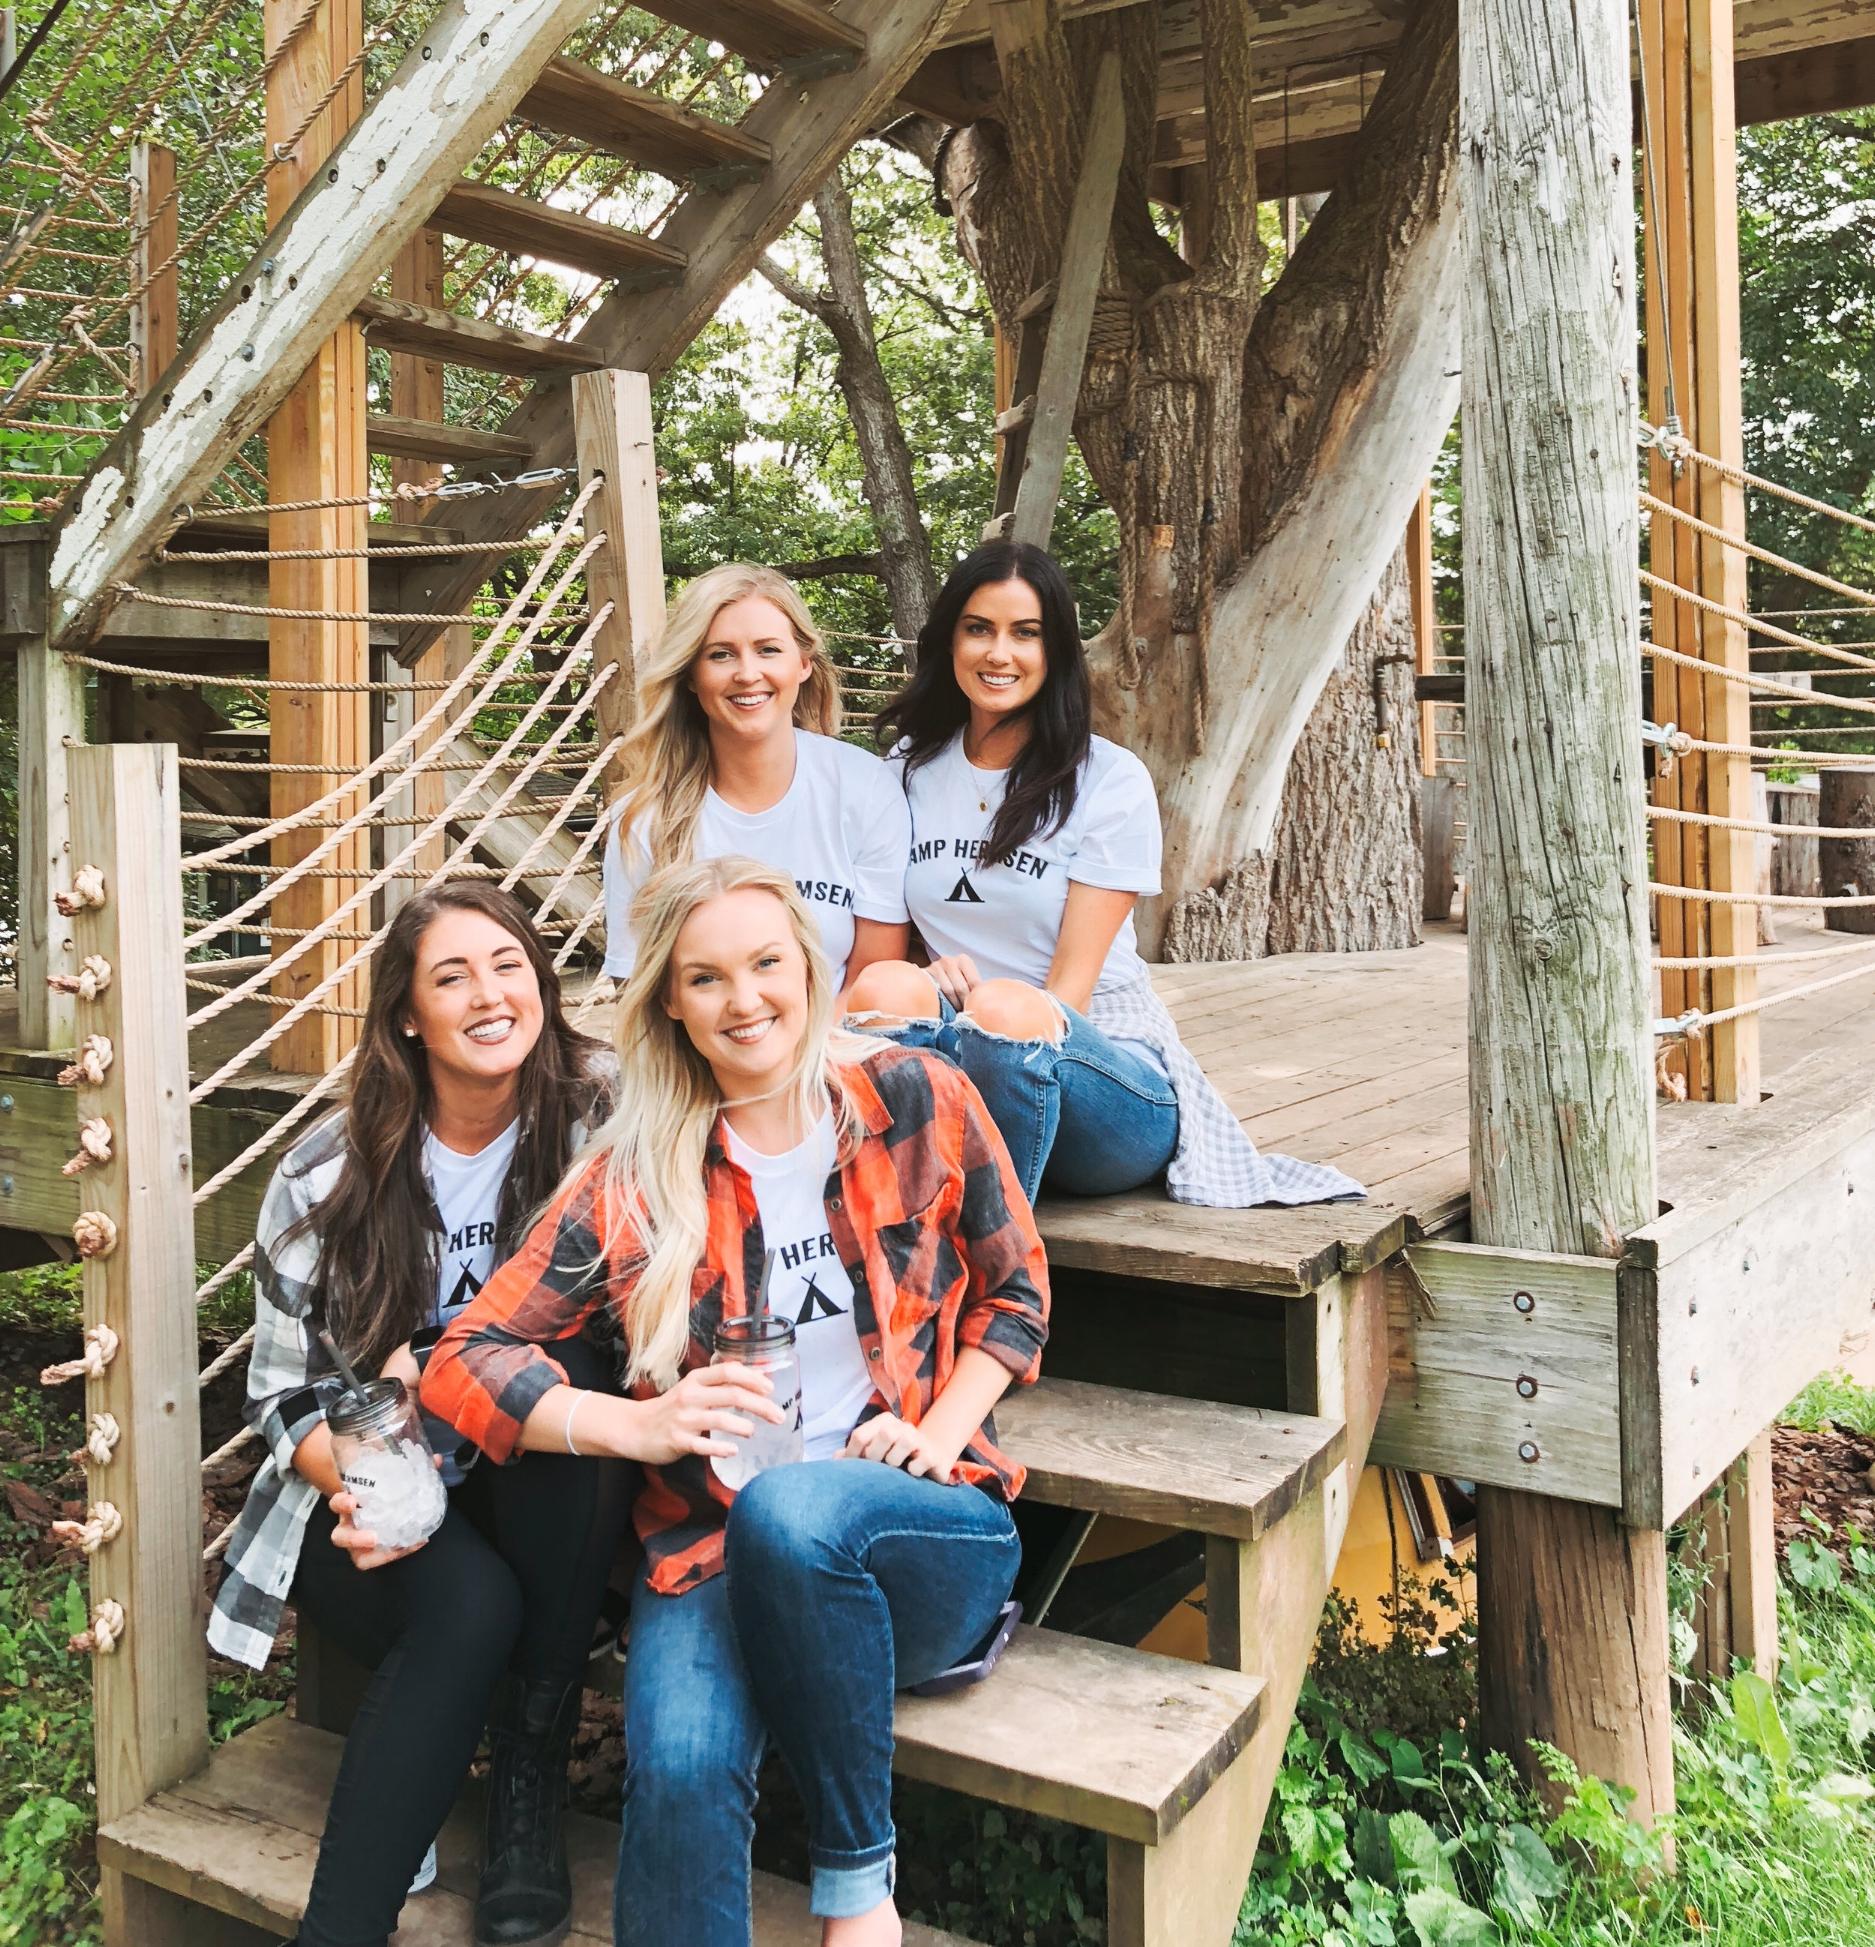 gallagher_sisters_treehouse_camp_wandawega.jpg